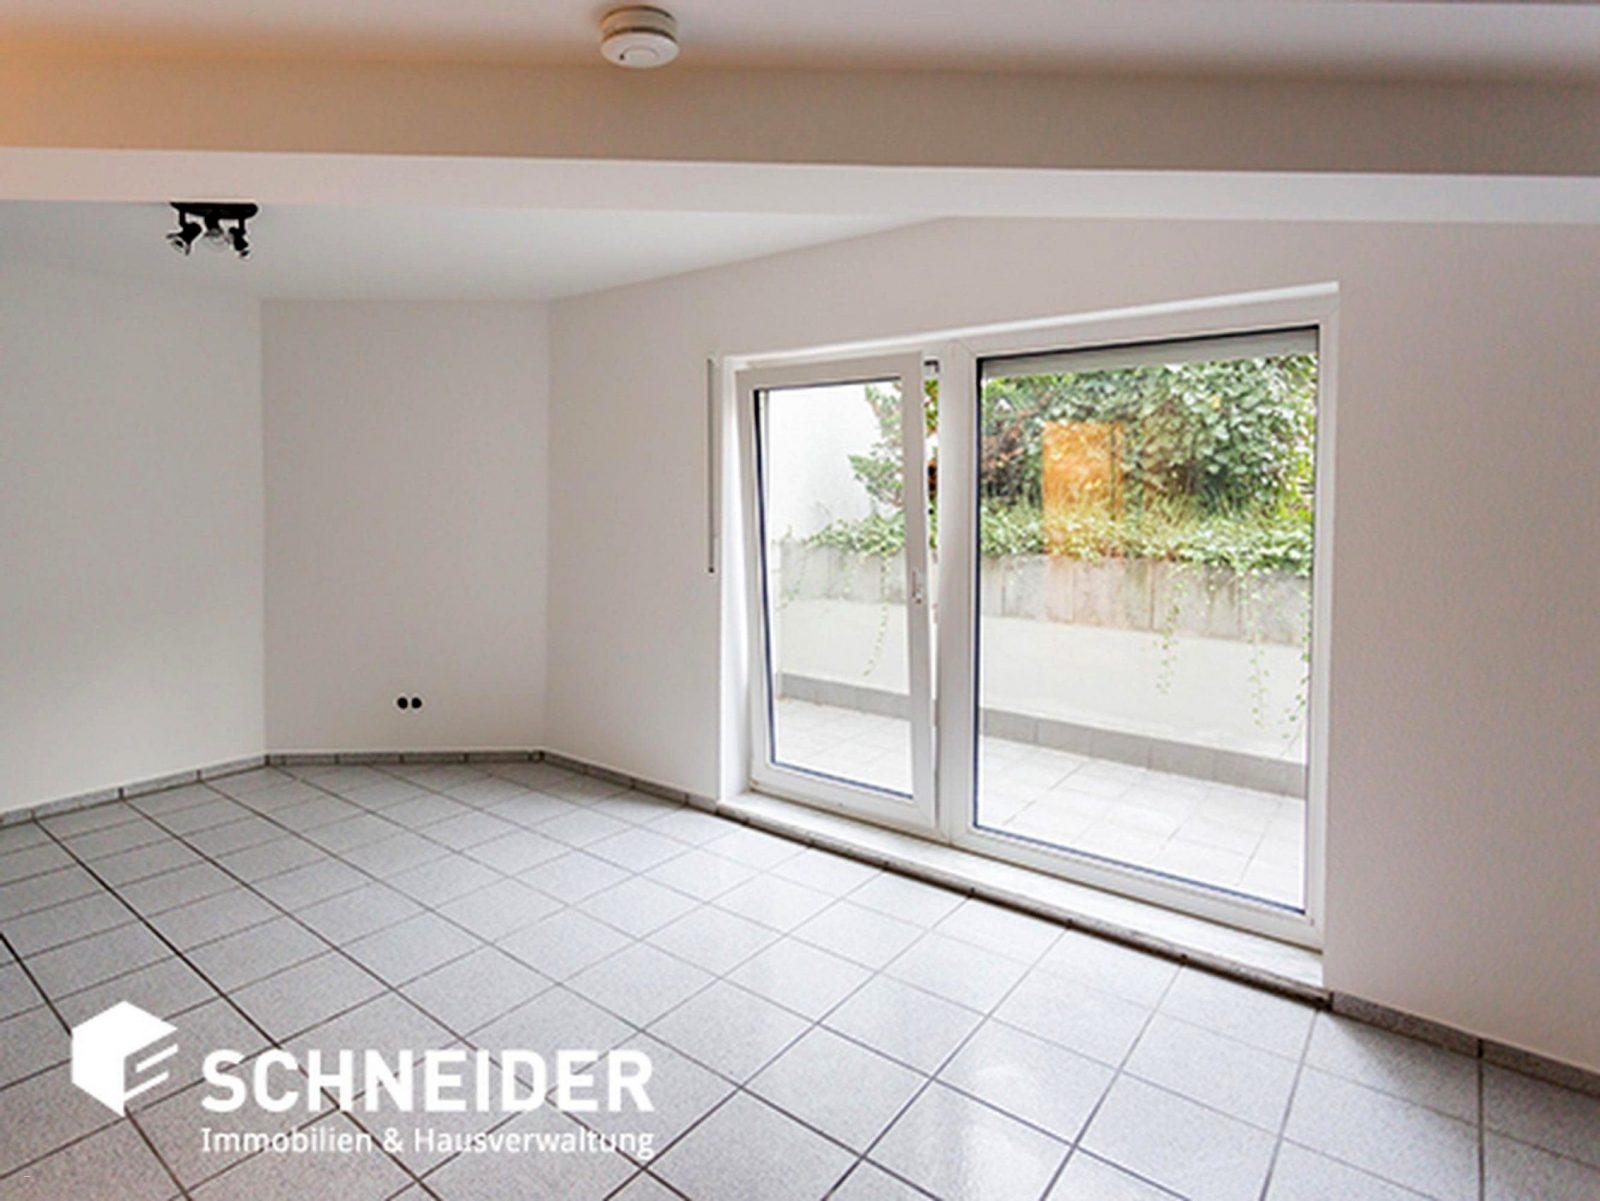 Wandfarbe Apricot Schner Wohnen  Haus Design Ideen